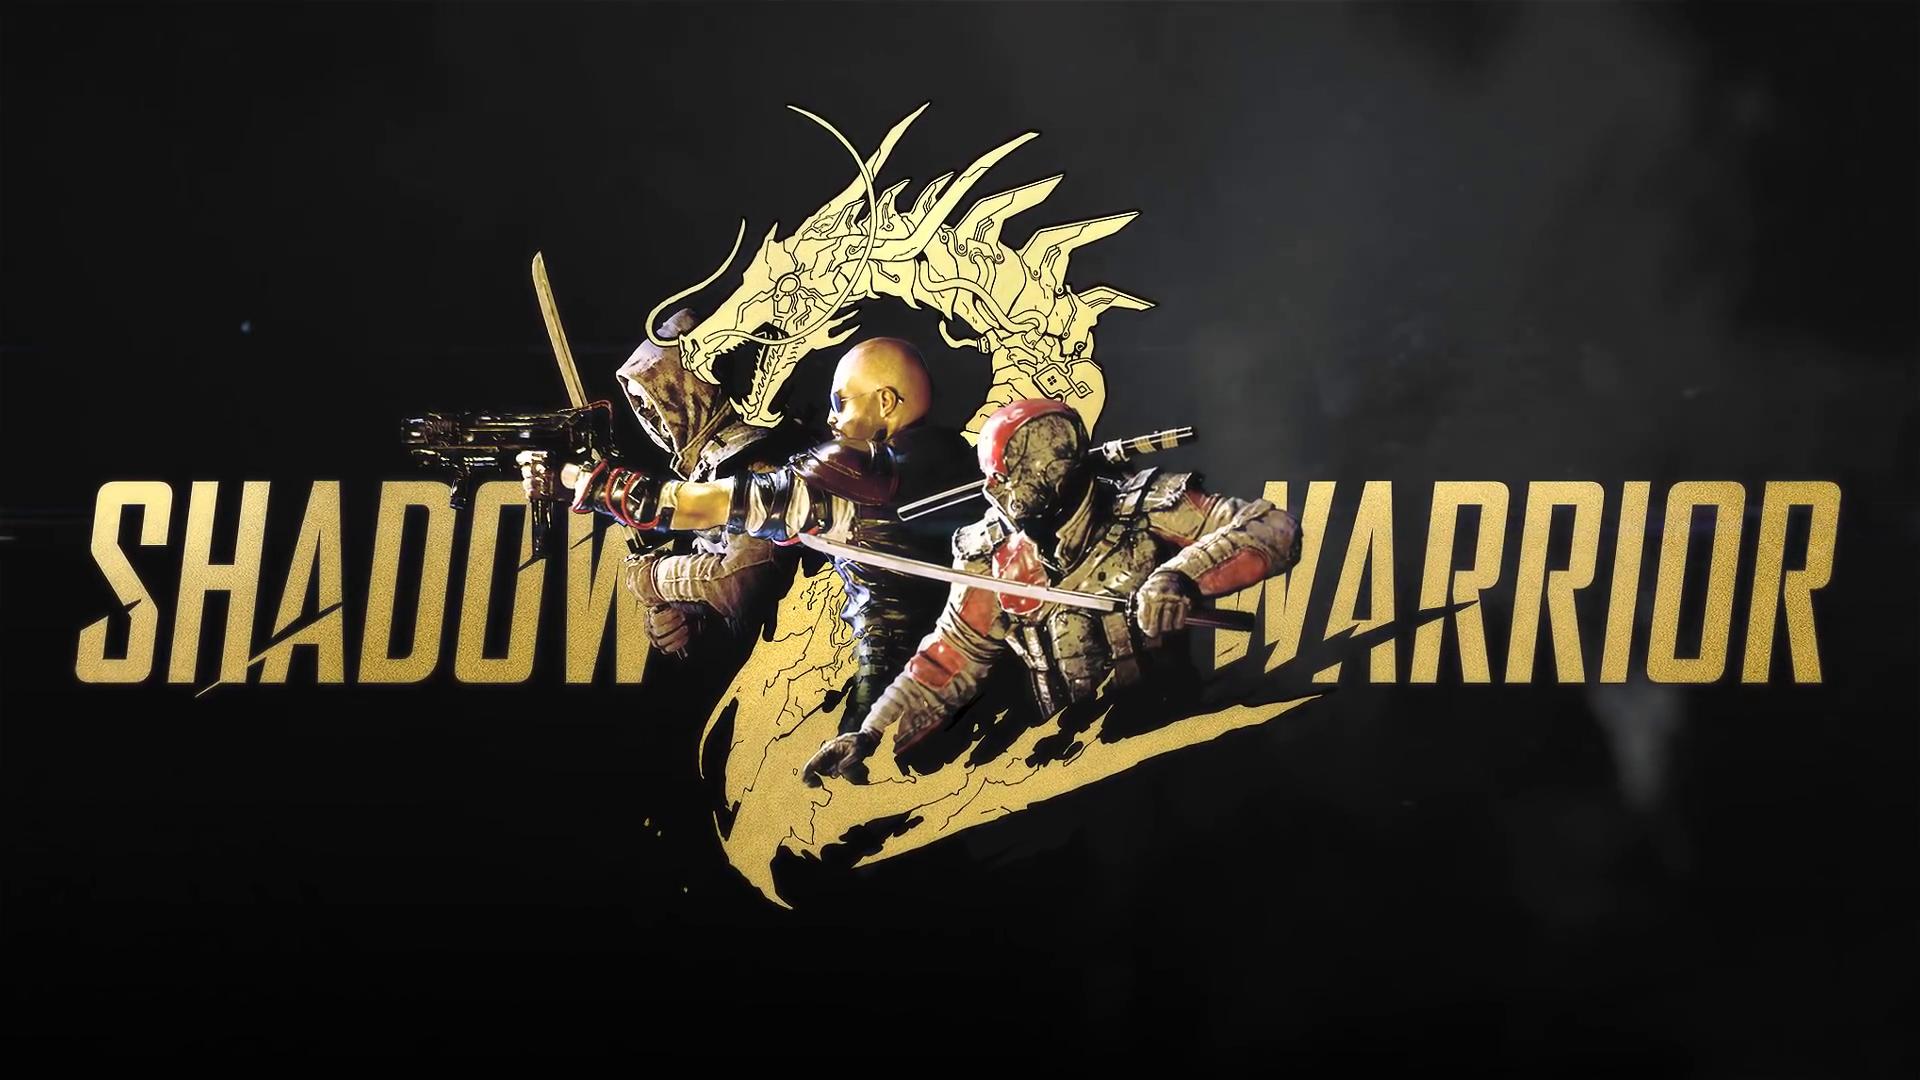 Date prisa y podrás reclamar tu copia de Shadow Warrior 2 completamente gratis